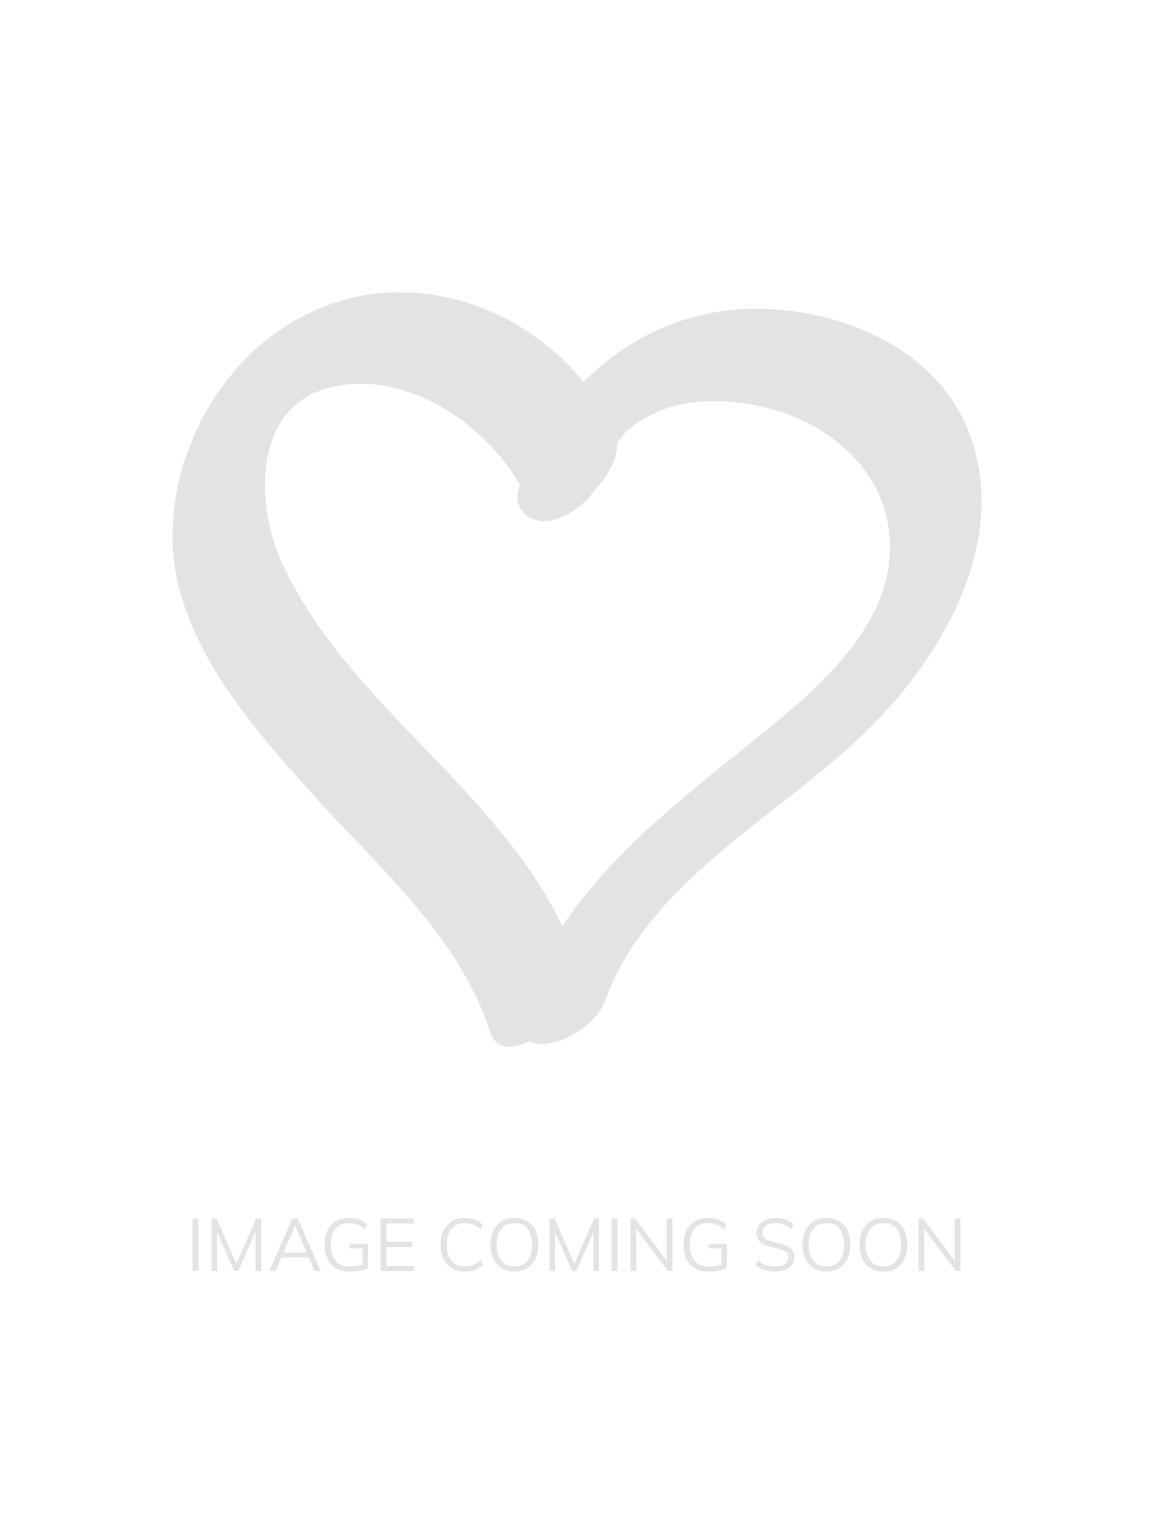 eb9e86e21e Sundance Skirted Bikini Brief - Hot Pink | Lingerie Outlet Store